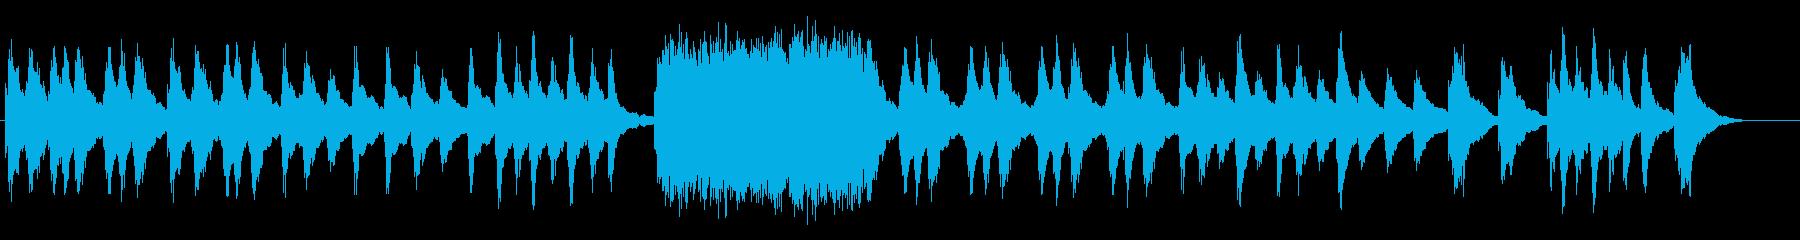 物語を語るようなハープの旋律の再生済みの波形